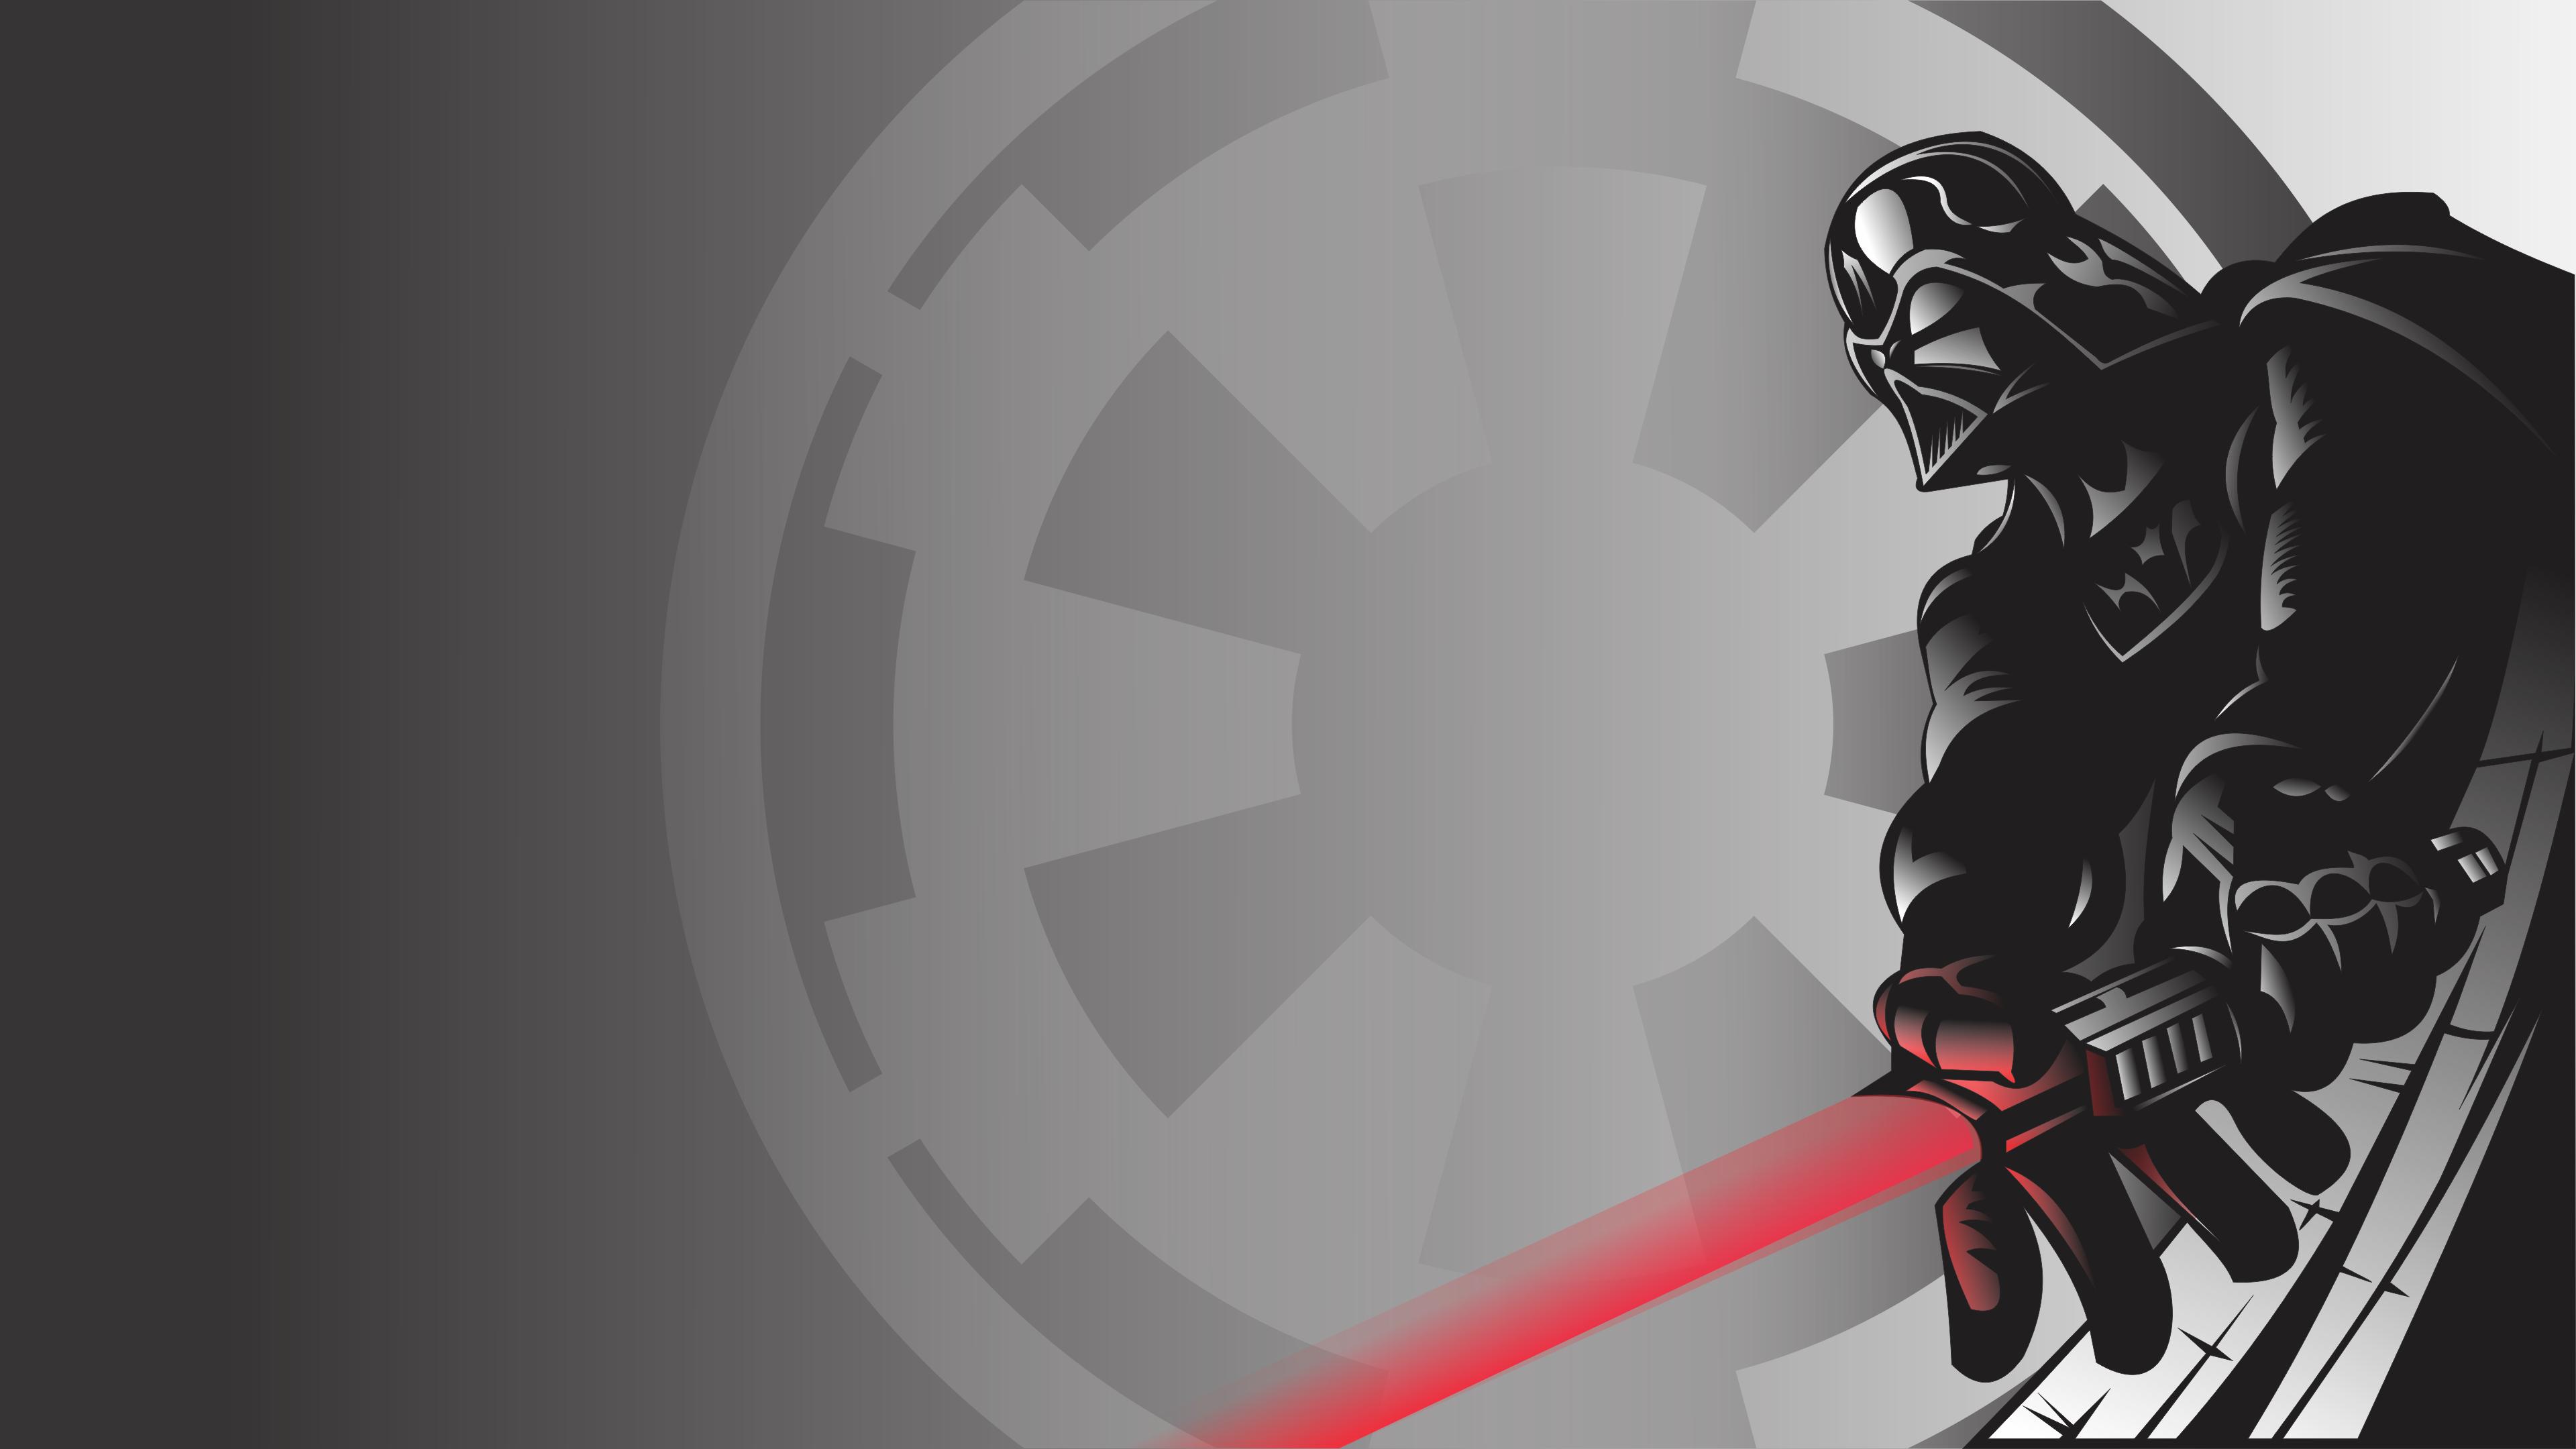 Darth Vader Wallpaper 4k By Danmed On Deviantart